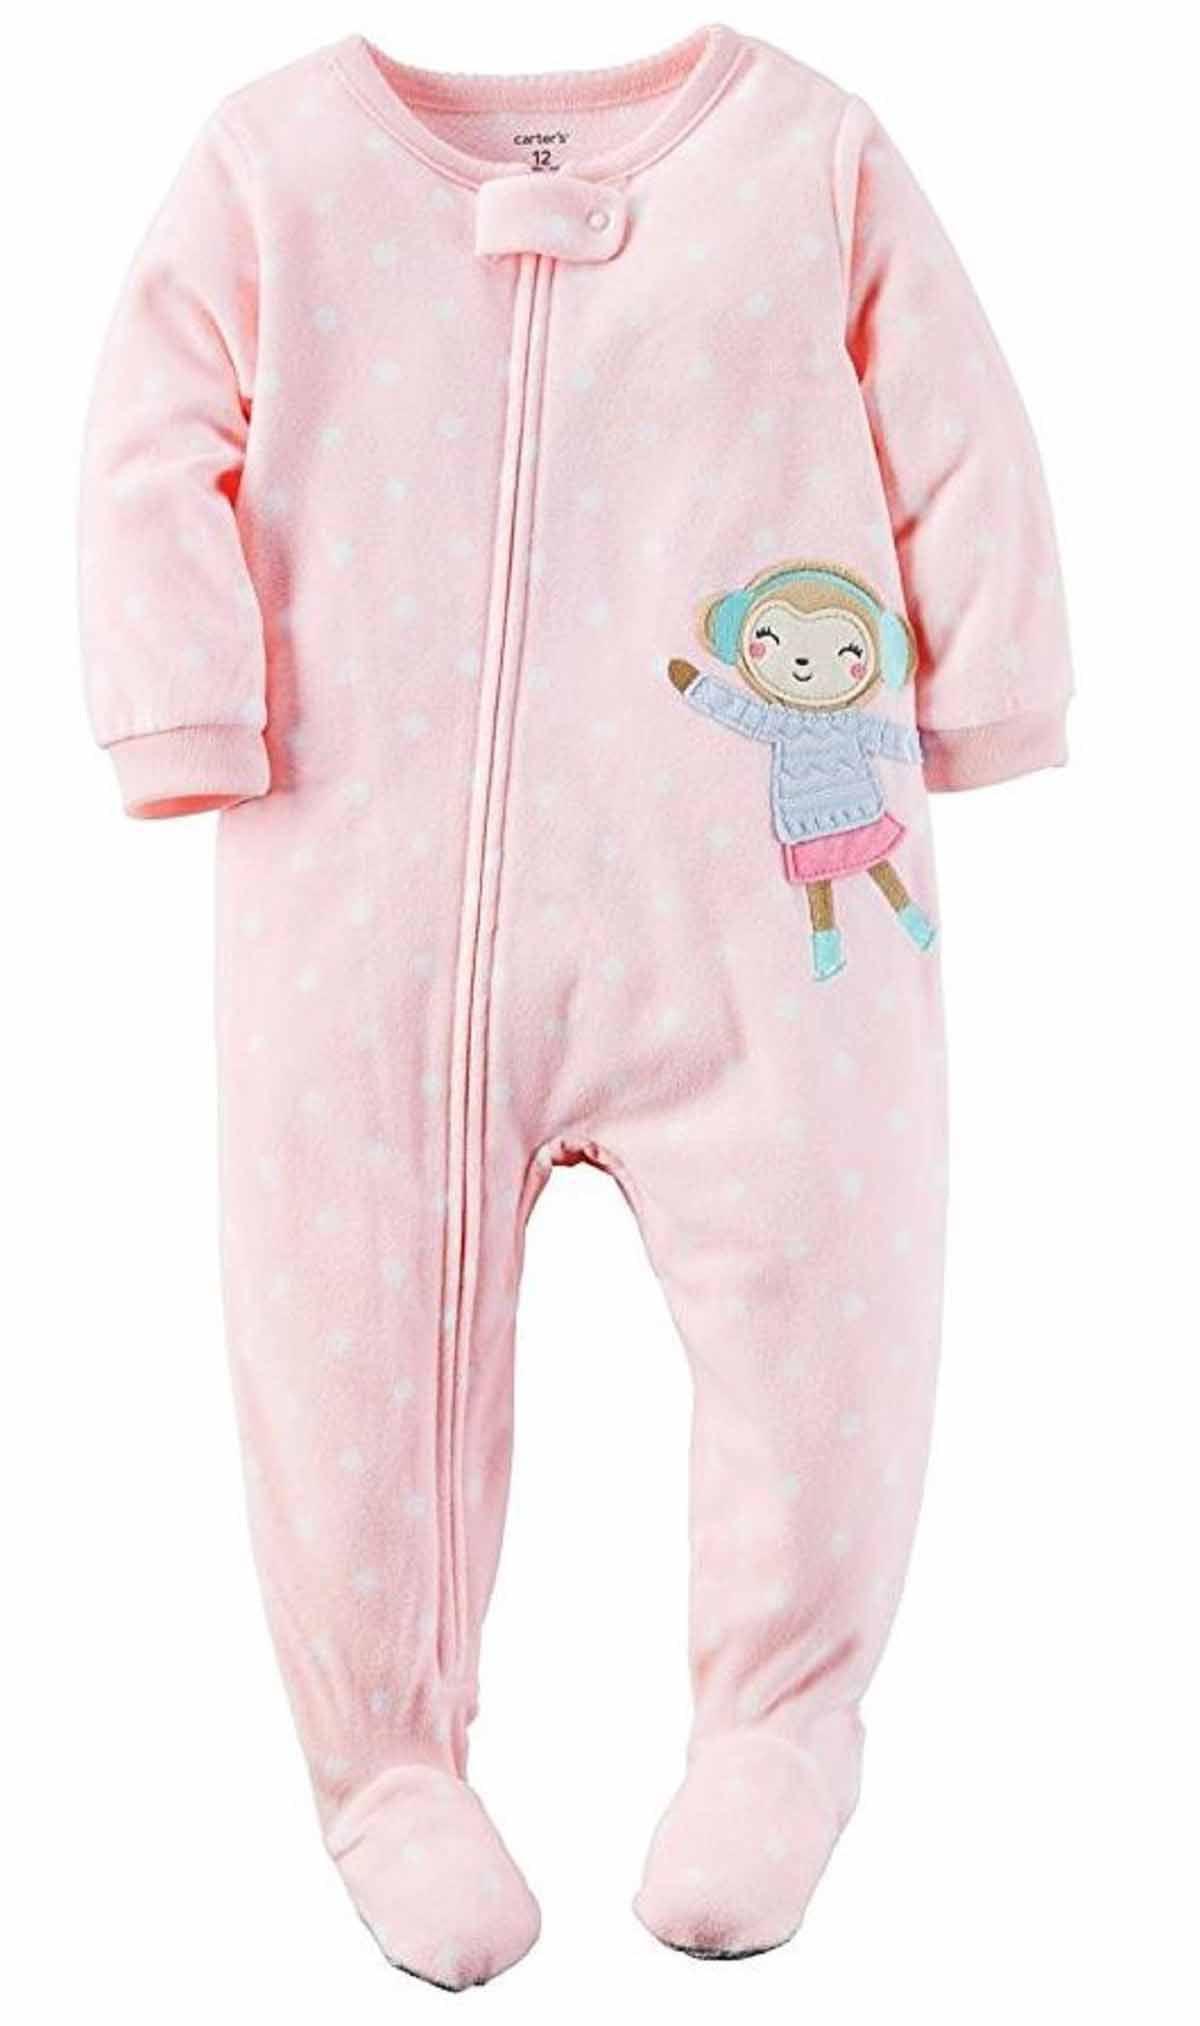 5bd660ee5 Carters Girls 1 Piece Footed Sleeper Zip Up Fleece Pajama (Mint ...